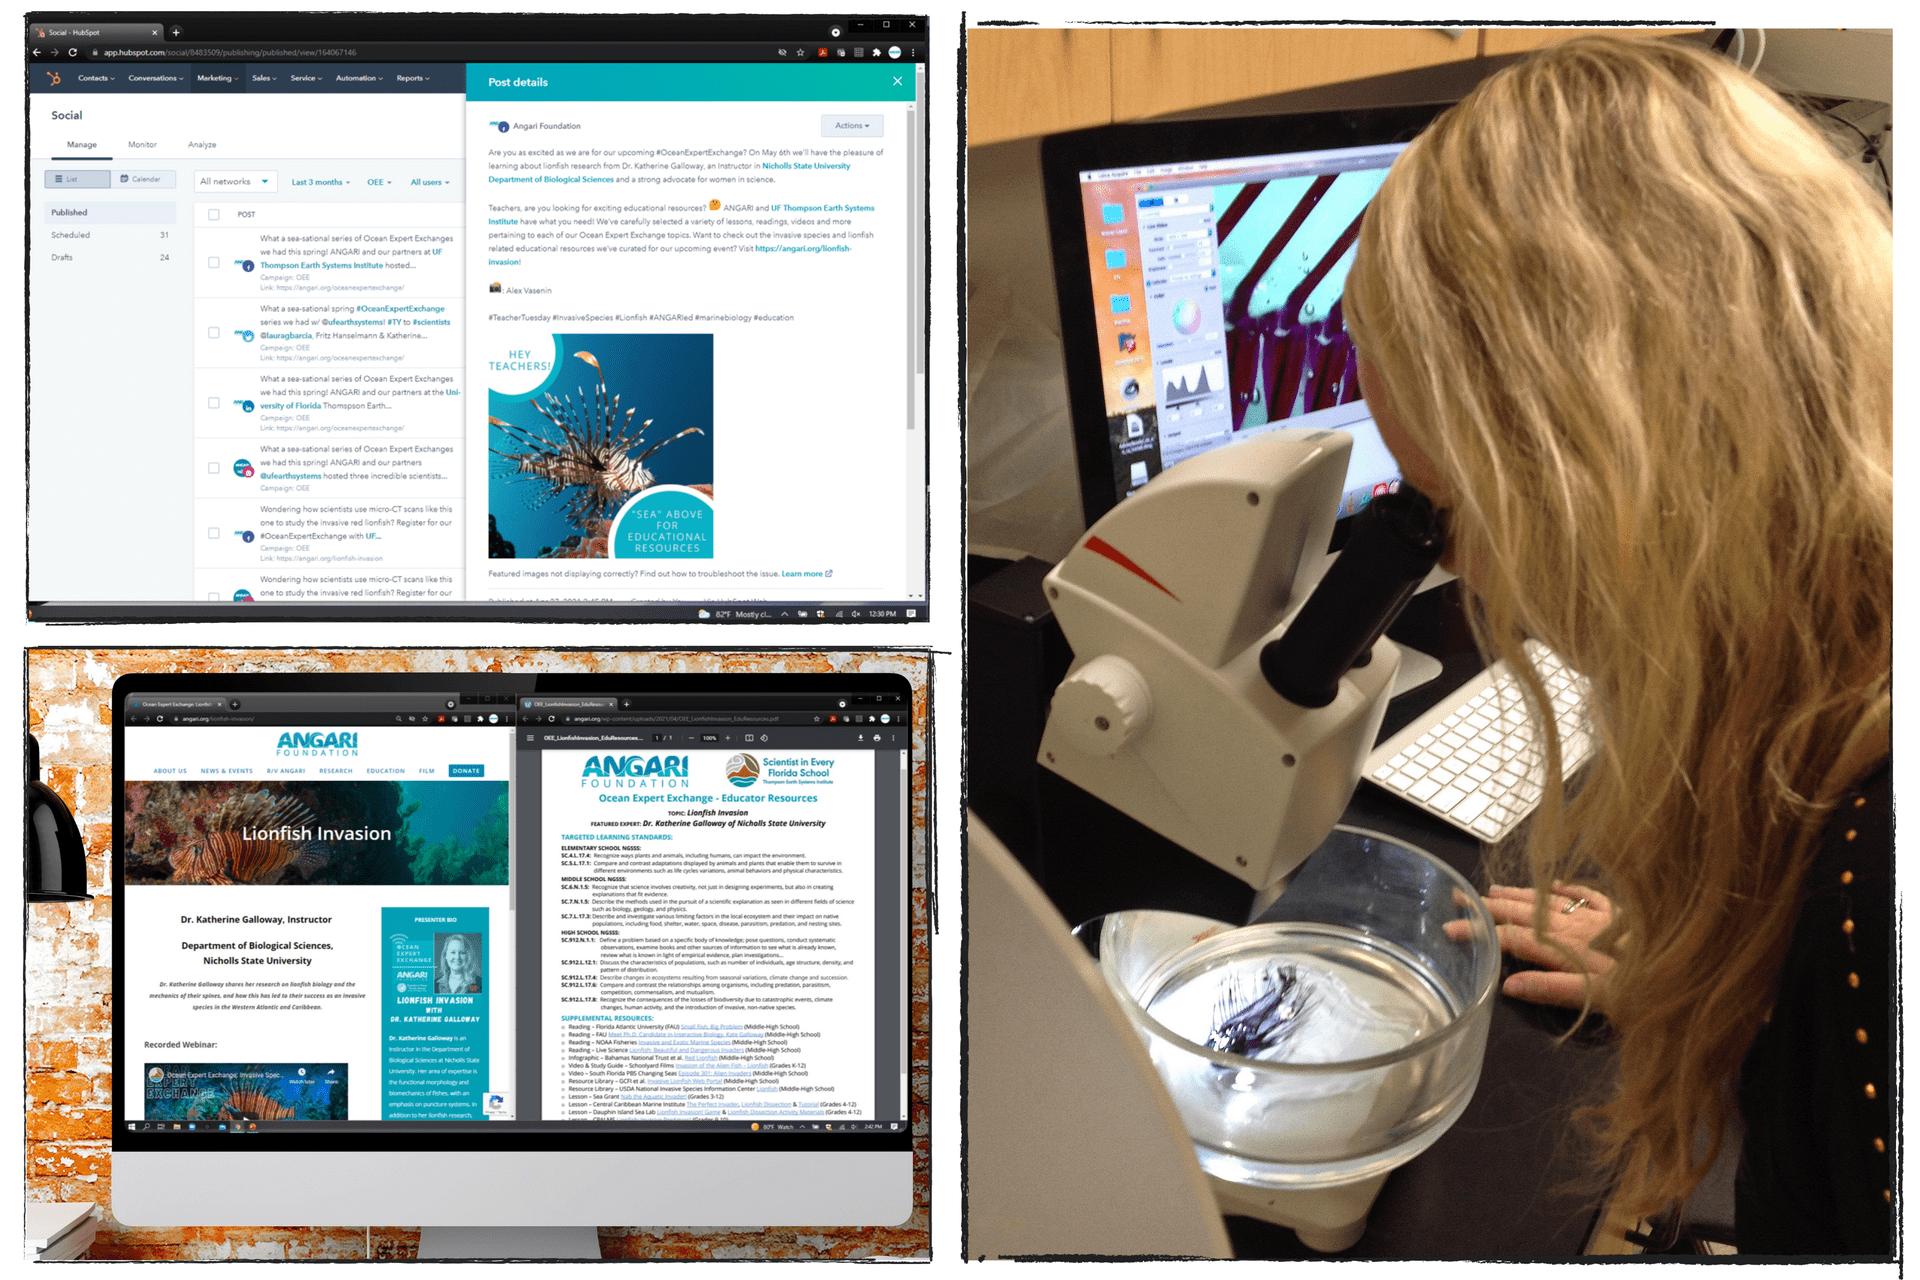 ANGARI Intern Blog - Ocean Expert Exchange: Lionfish Invasion